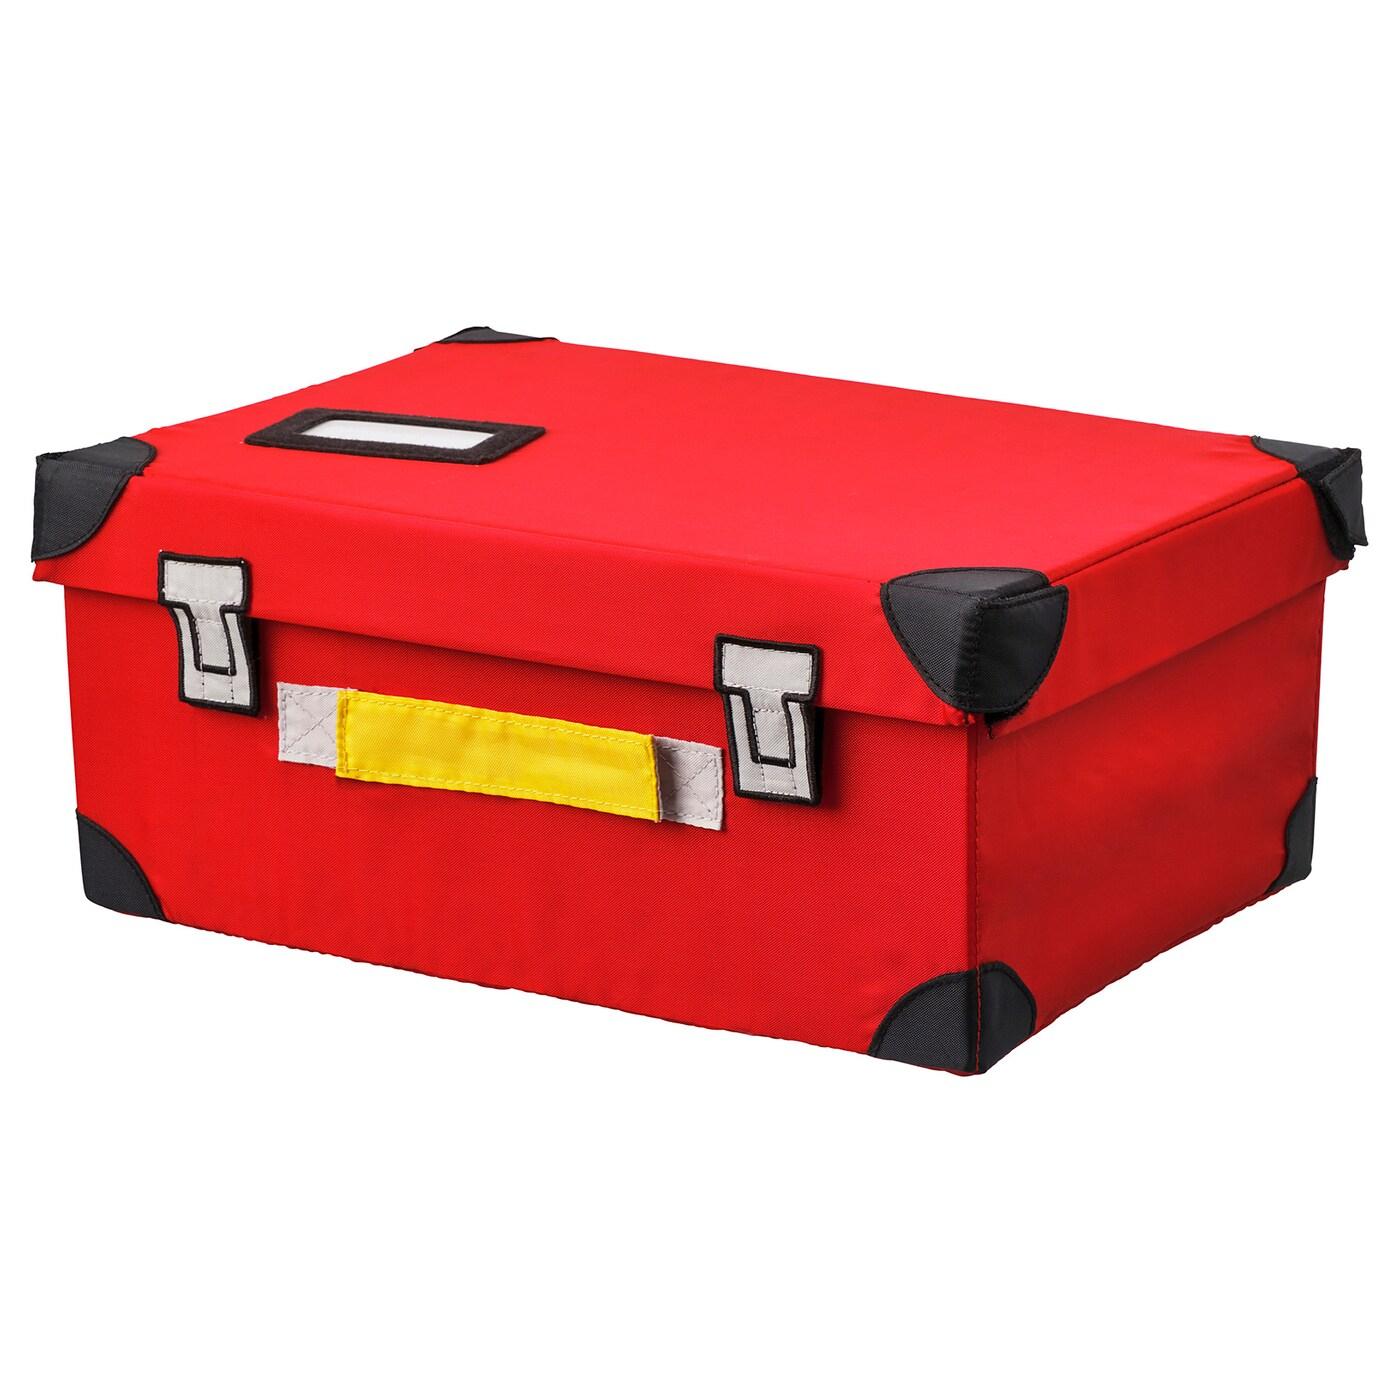 Flyttbar Coffre À Jouets, Rouge, 35X25X15 Cm - Ikea avec Coffre Jardin Ikea